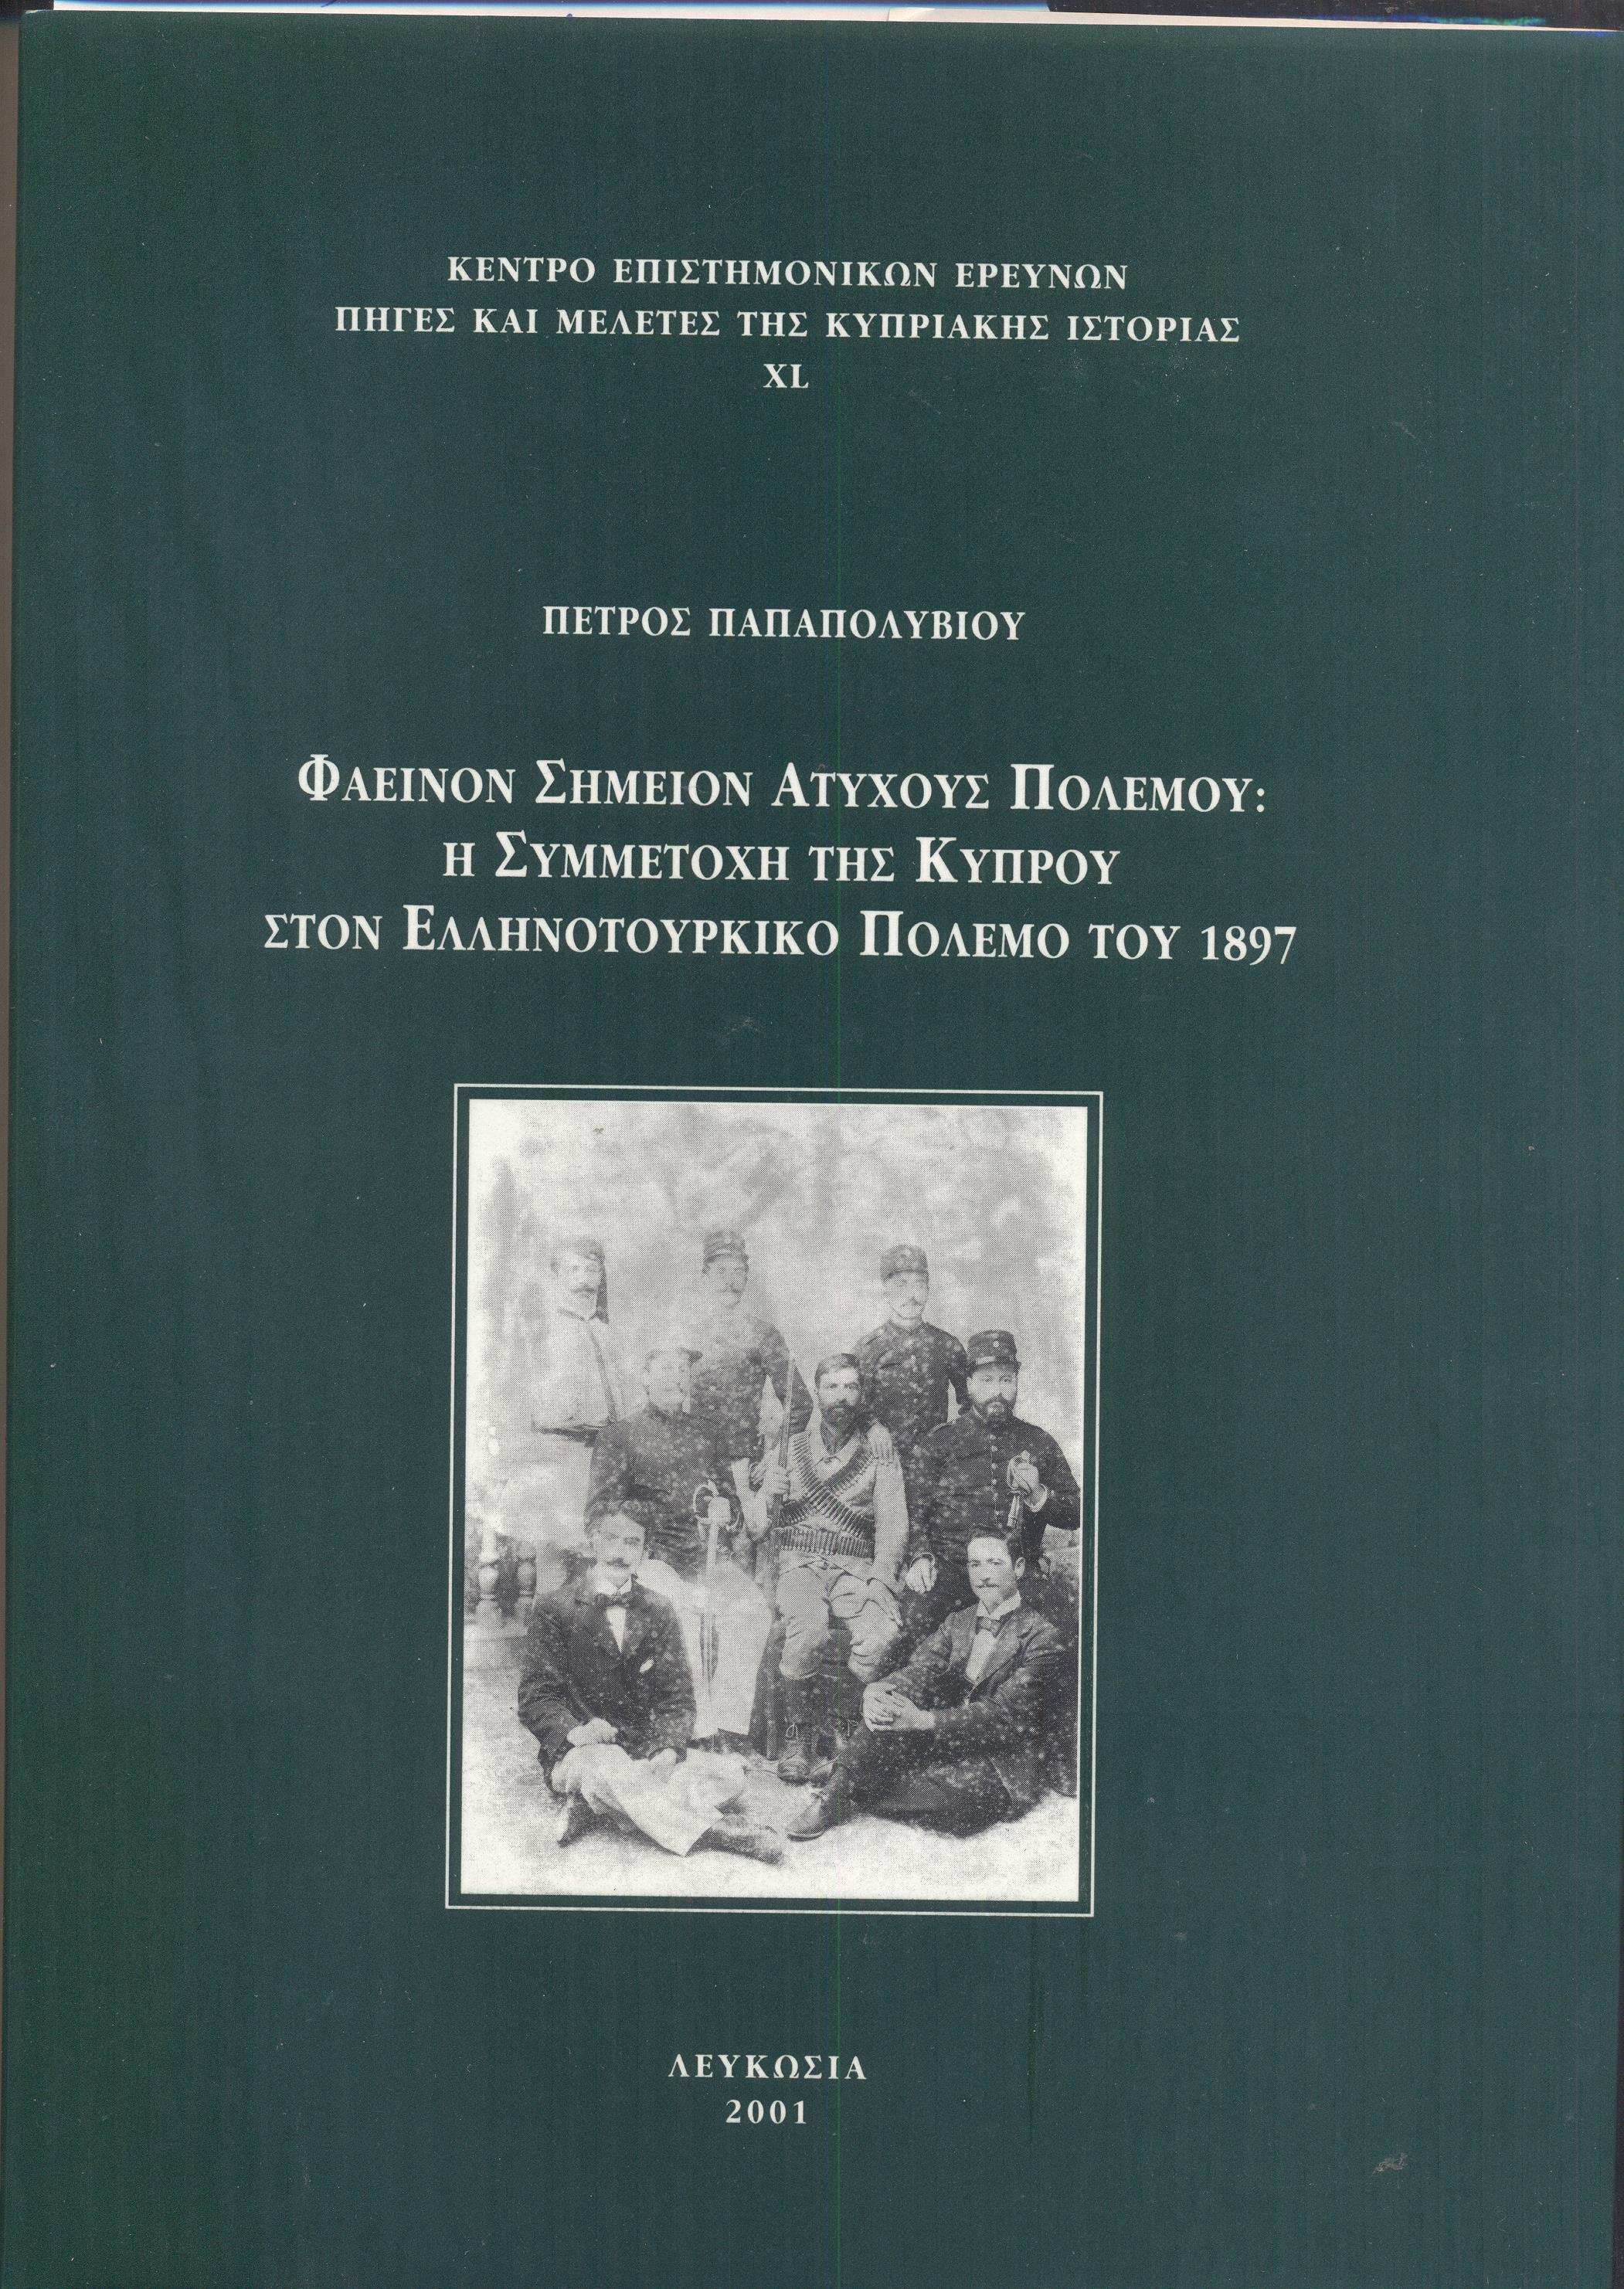 Φαεινόν σημείον ατυχούς πολέμου Η συμμετοχή της Κύπρου στον Ελληνοτουρκικό πόλεμο του 1897